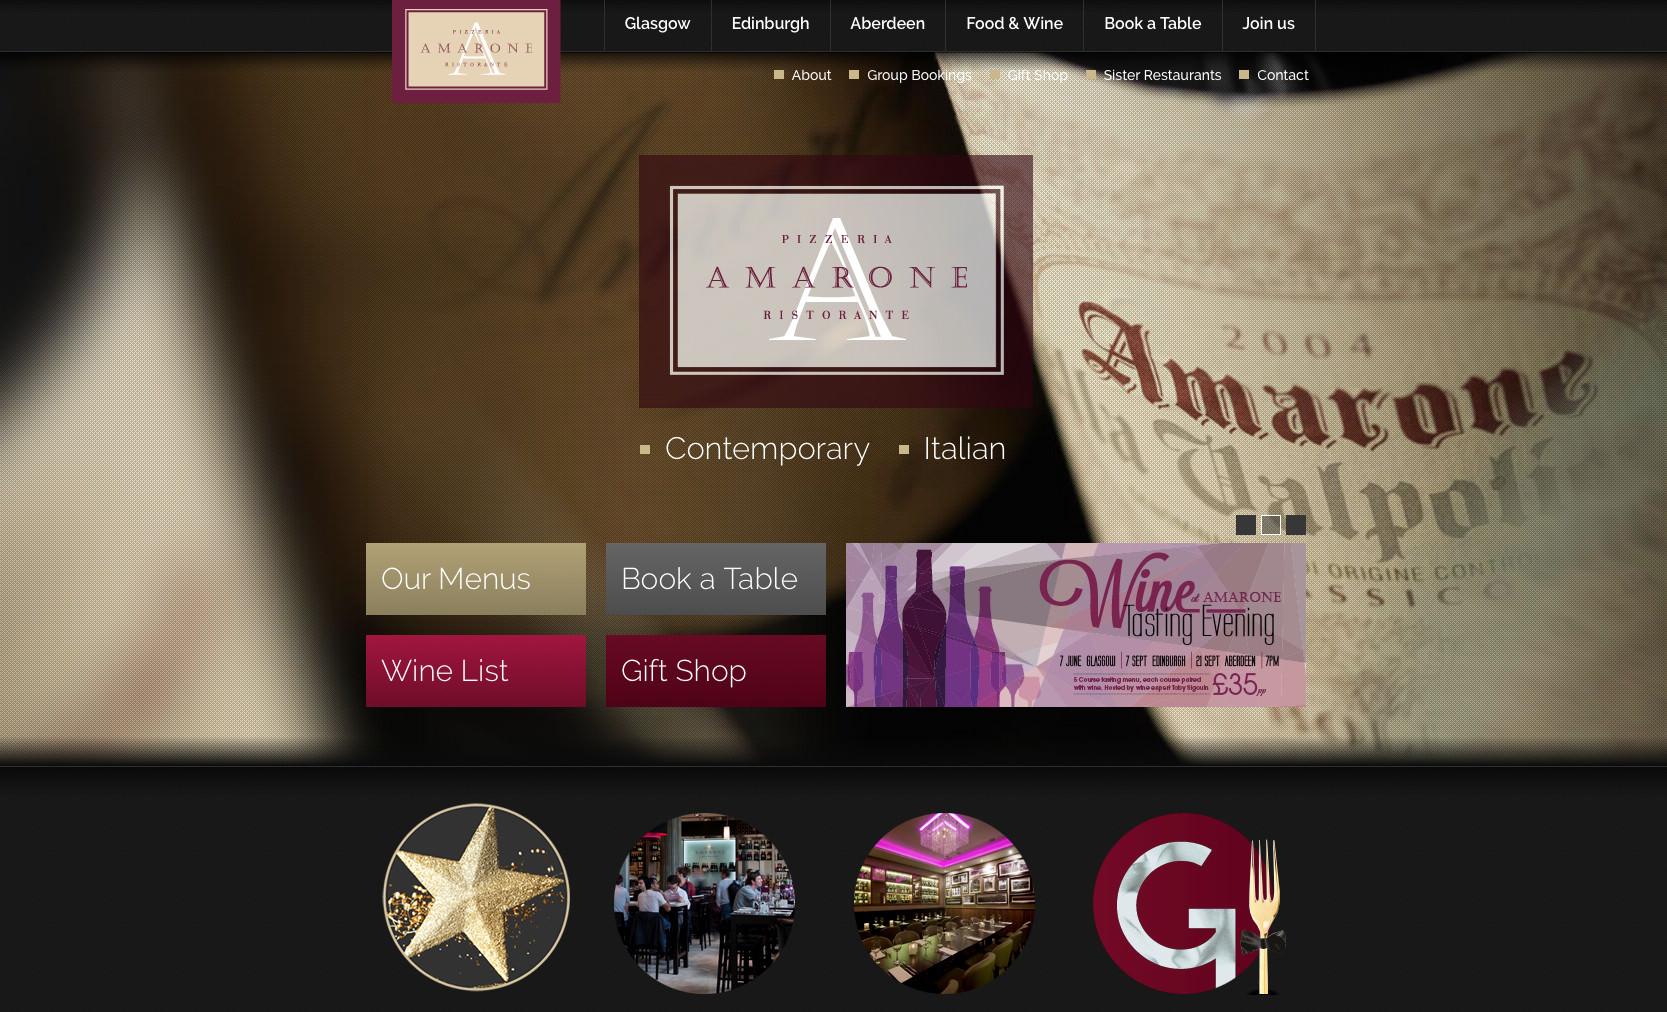 idac-media-website-gallery-shot-4.jpg